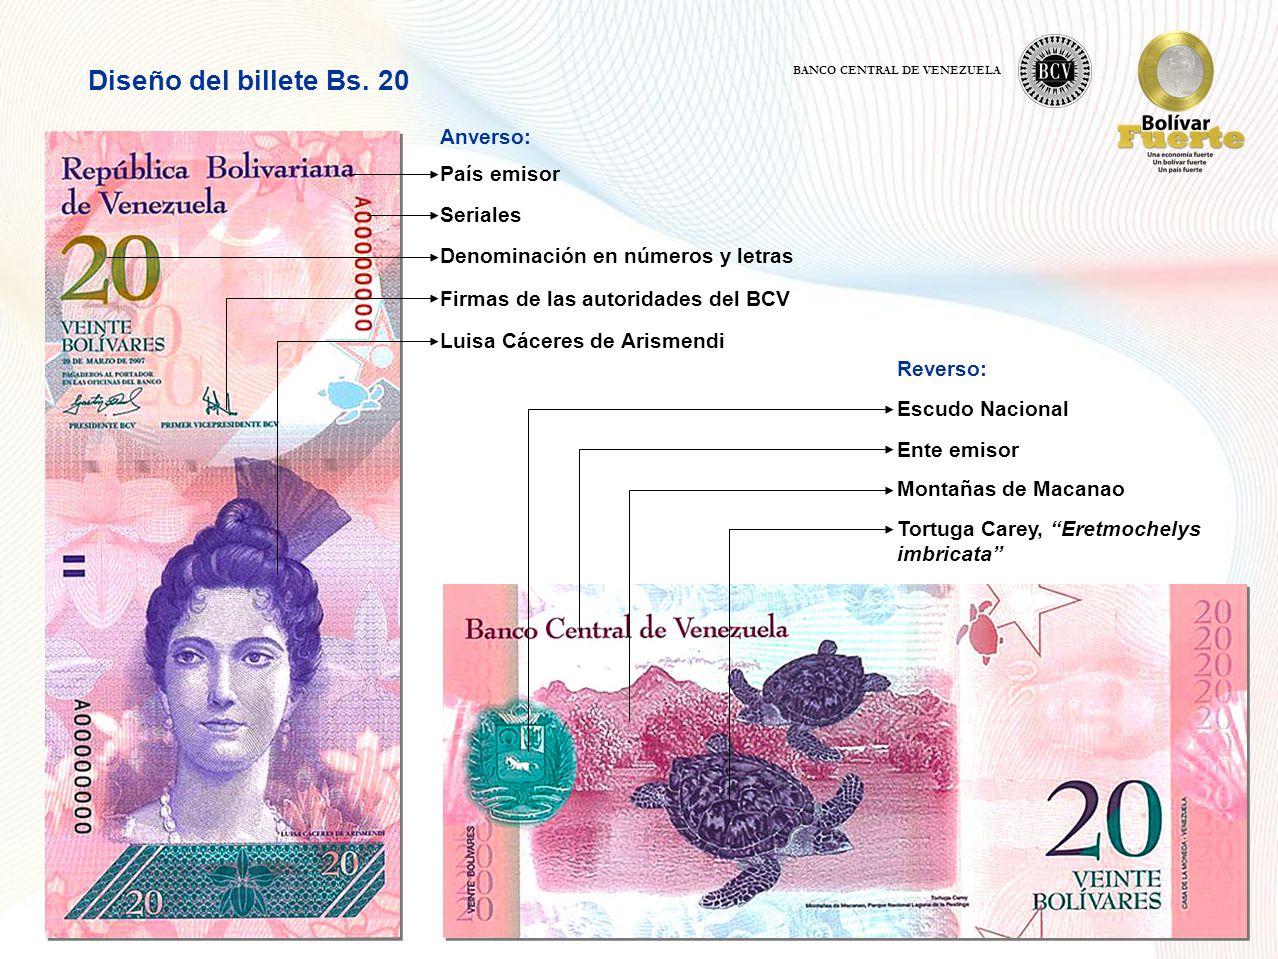 Diseño del billete Bs. 20 Anverso: País emisor Seriales